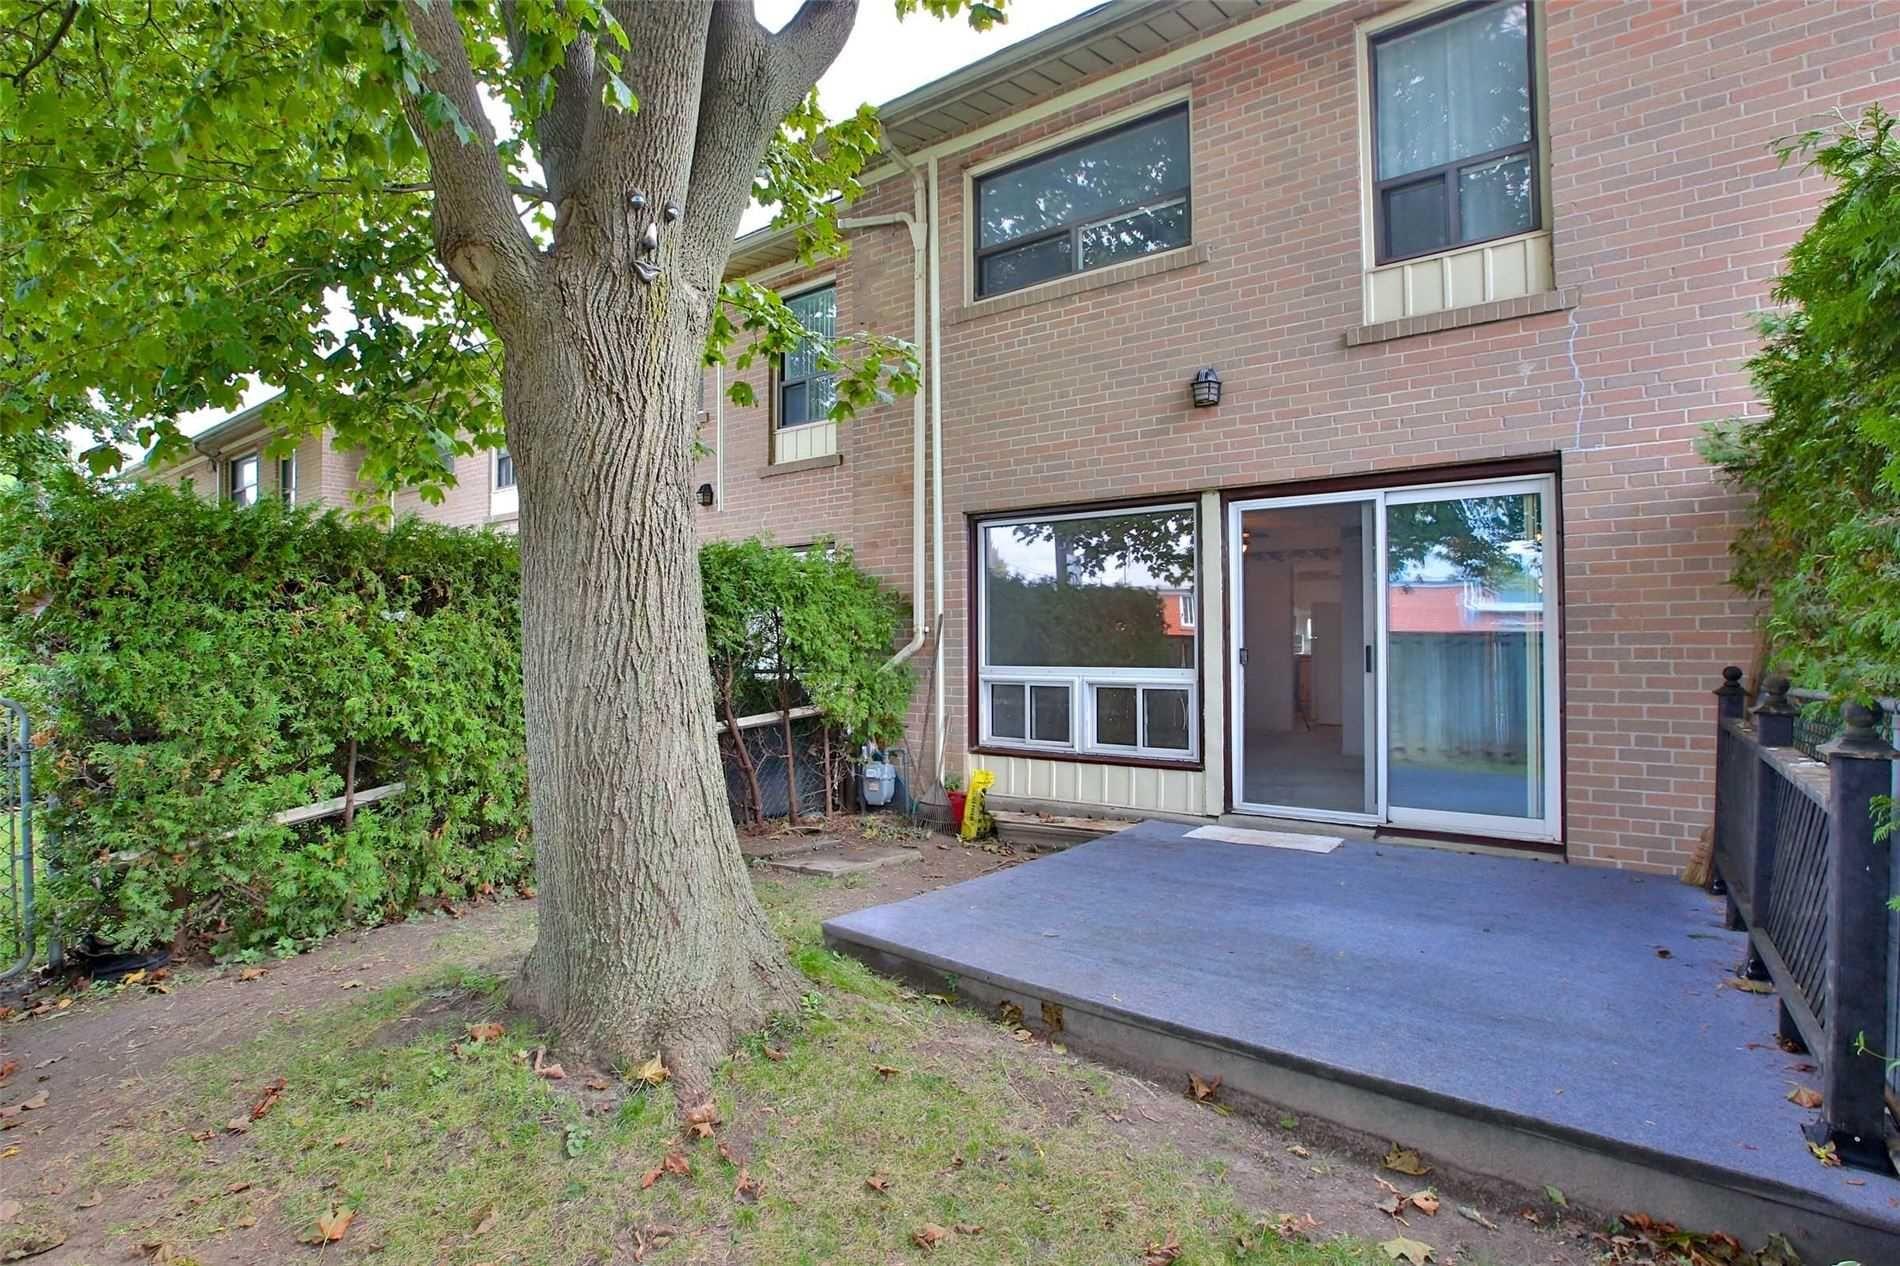 Photo 13: Photos: 8 695 Birchmount Road in Toronto: Kennedy Park Condo for sale (Toronto E04)  : MLS®# E4600623